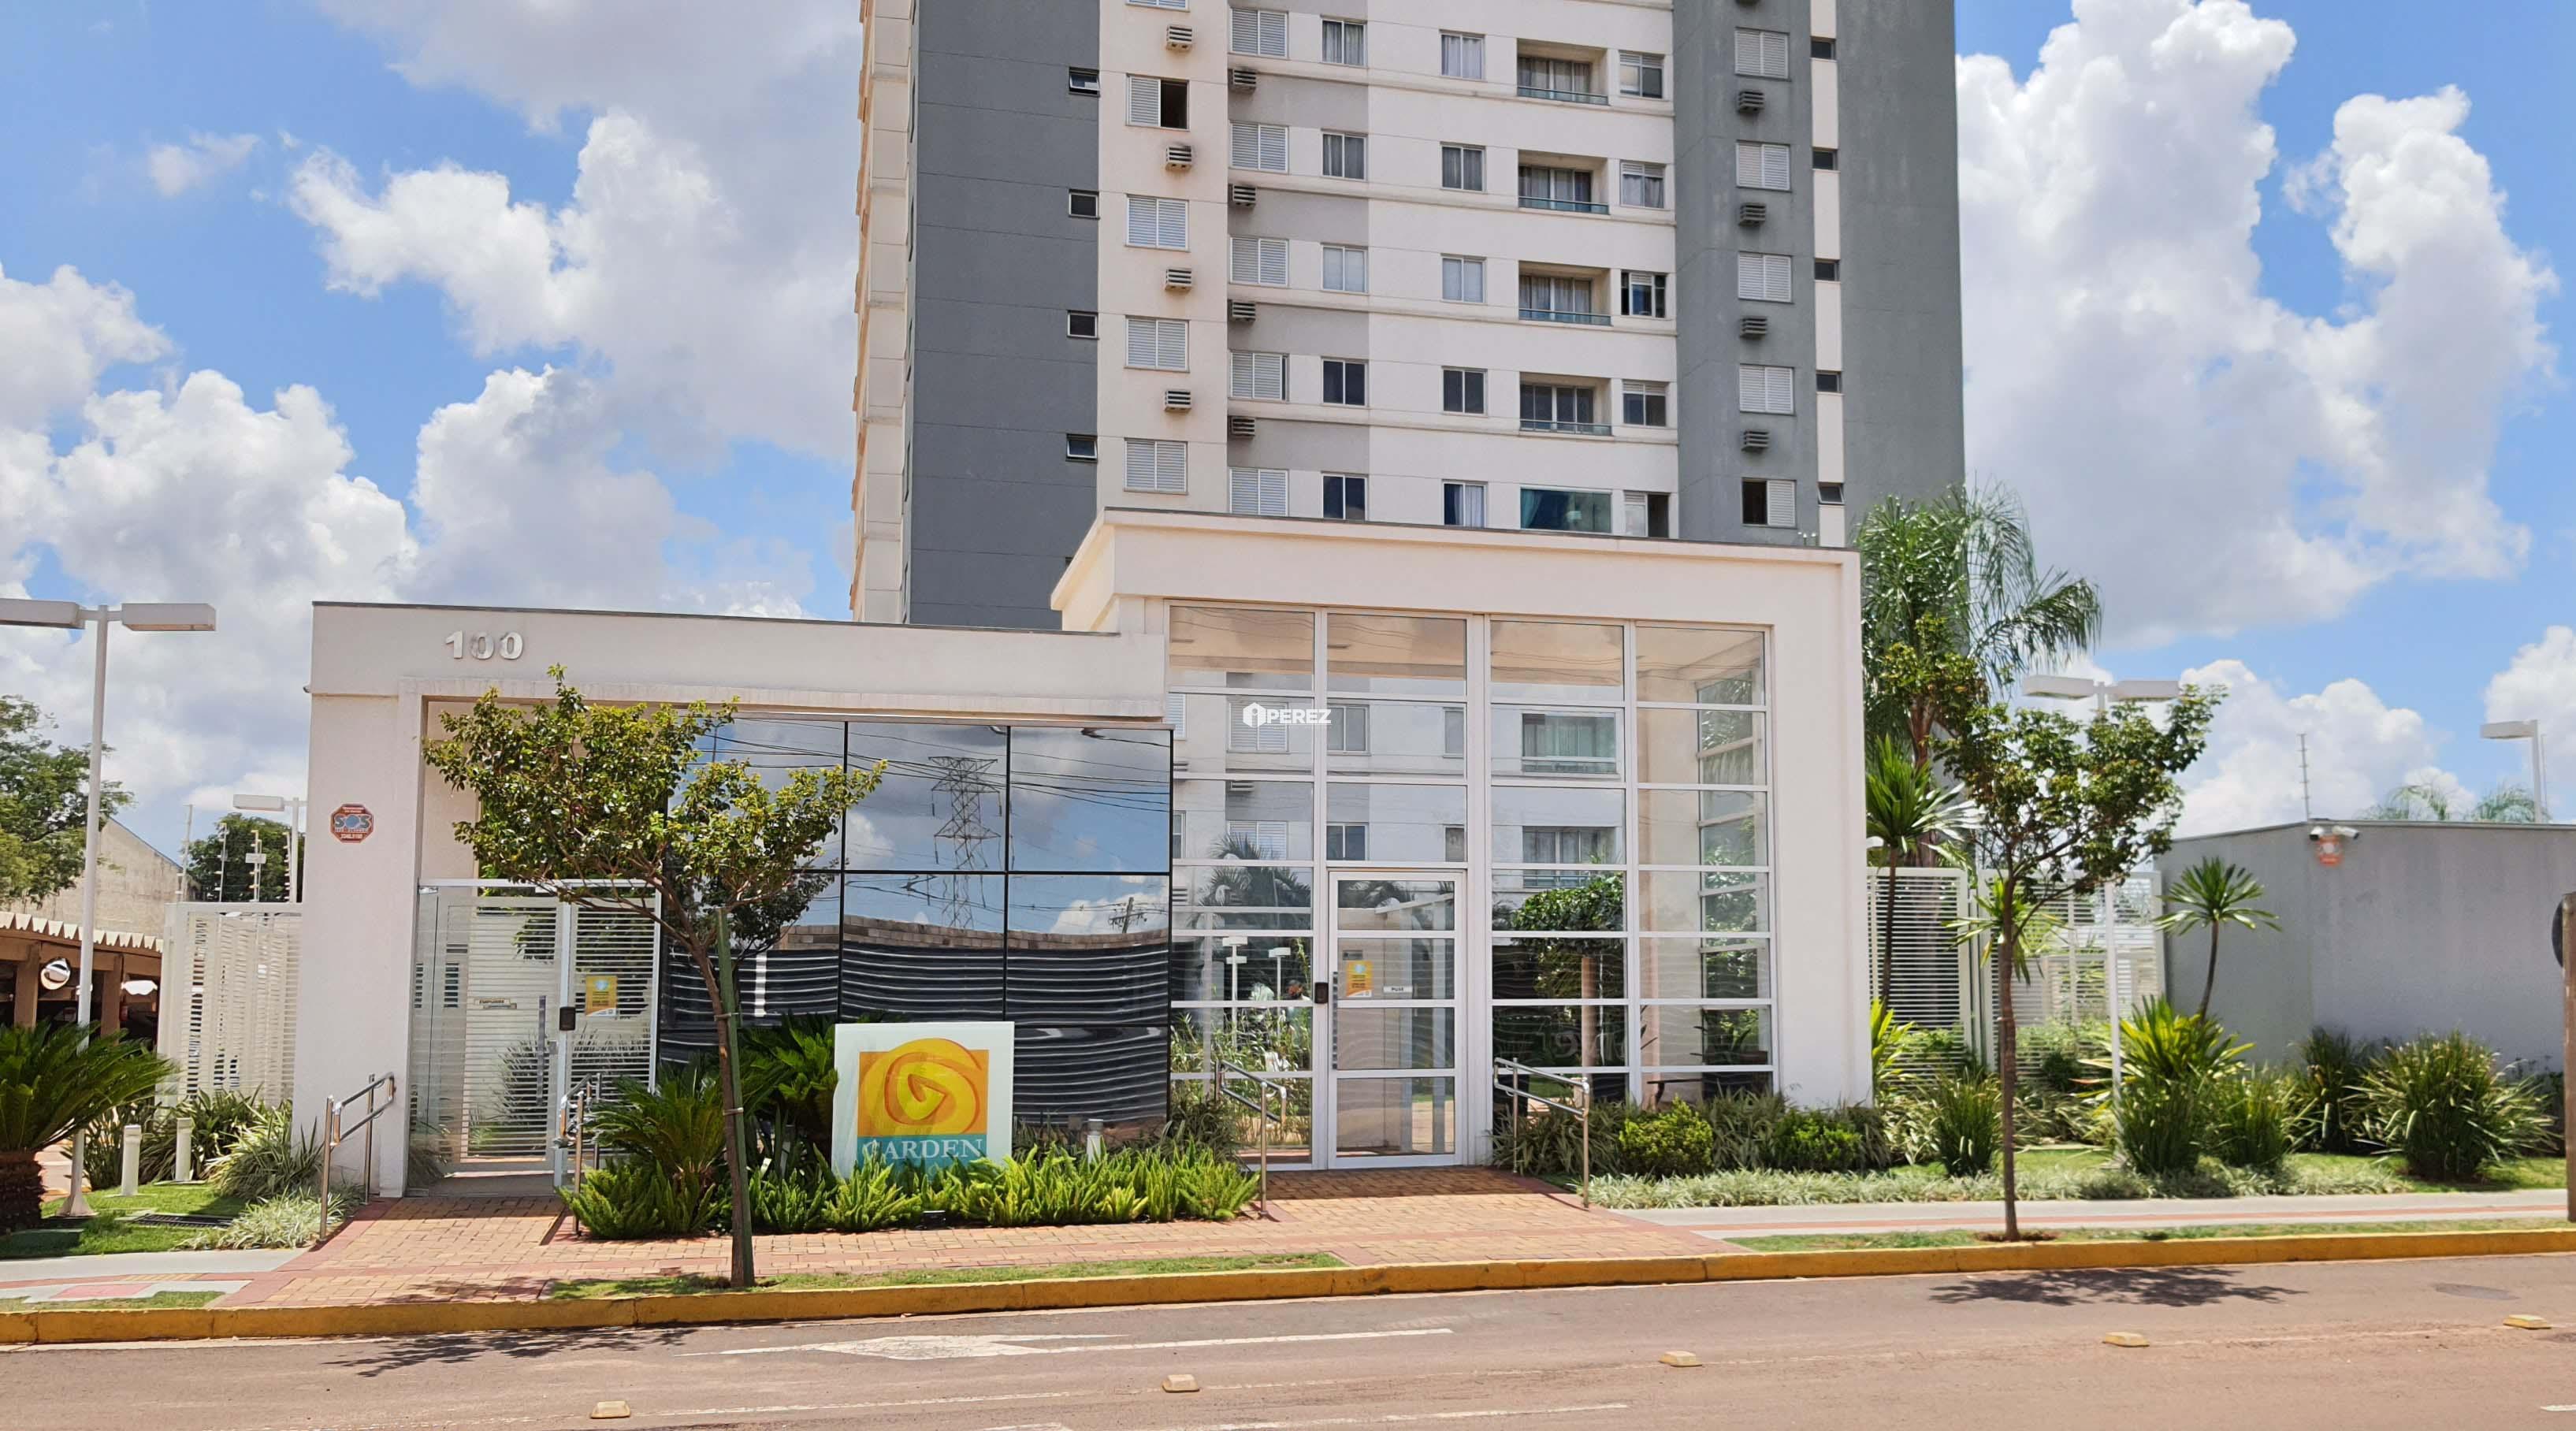 venda-campo-grande-ms-apartamento-alameda-do-ipe-amarelo-tiradentes-perez-imoveis